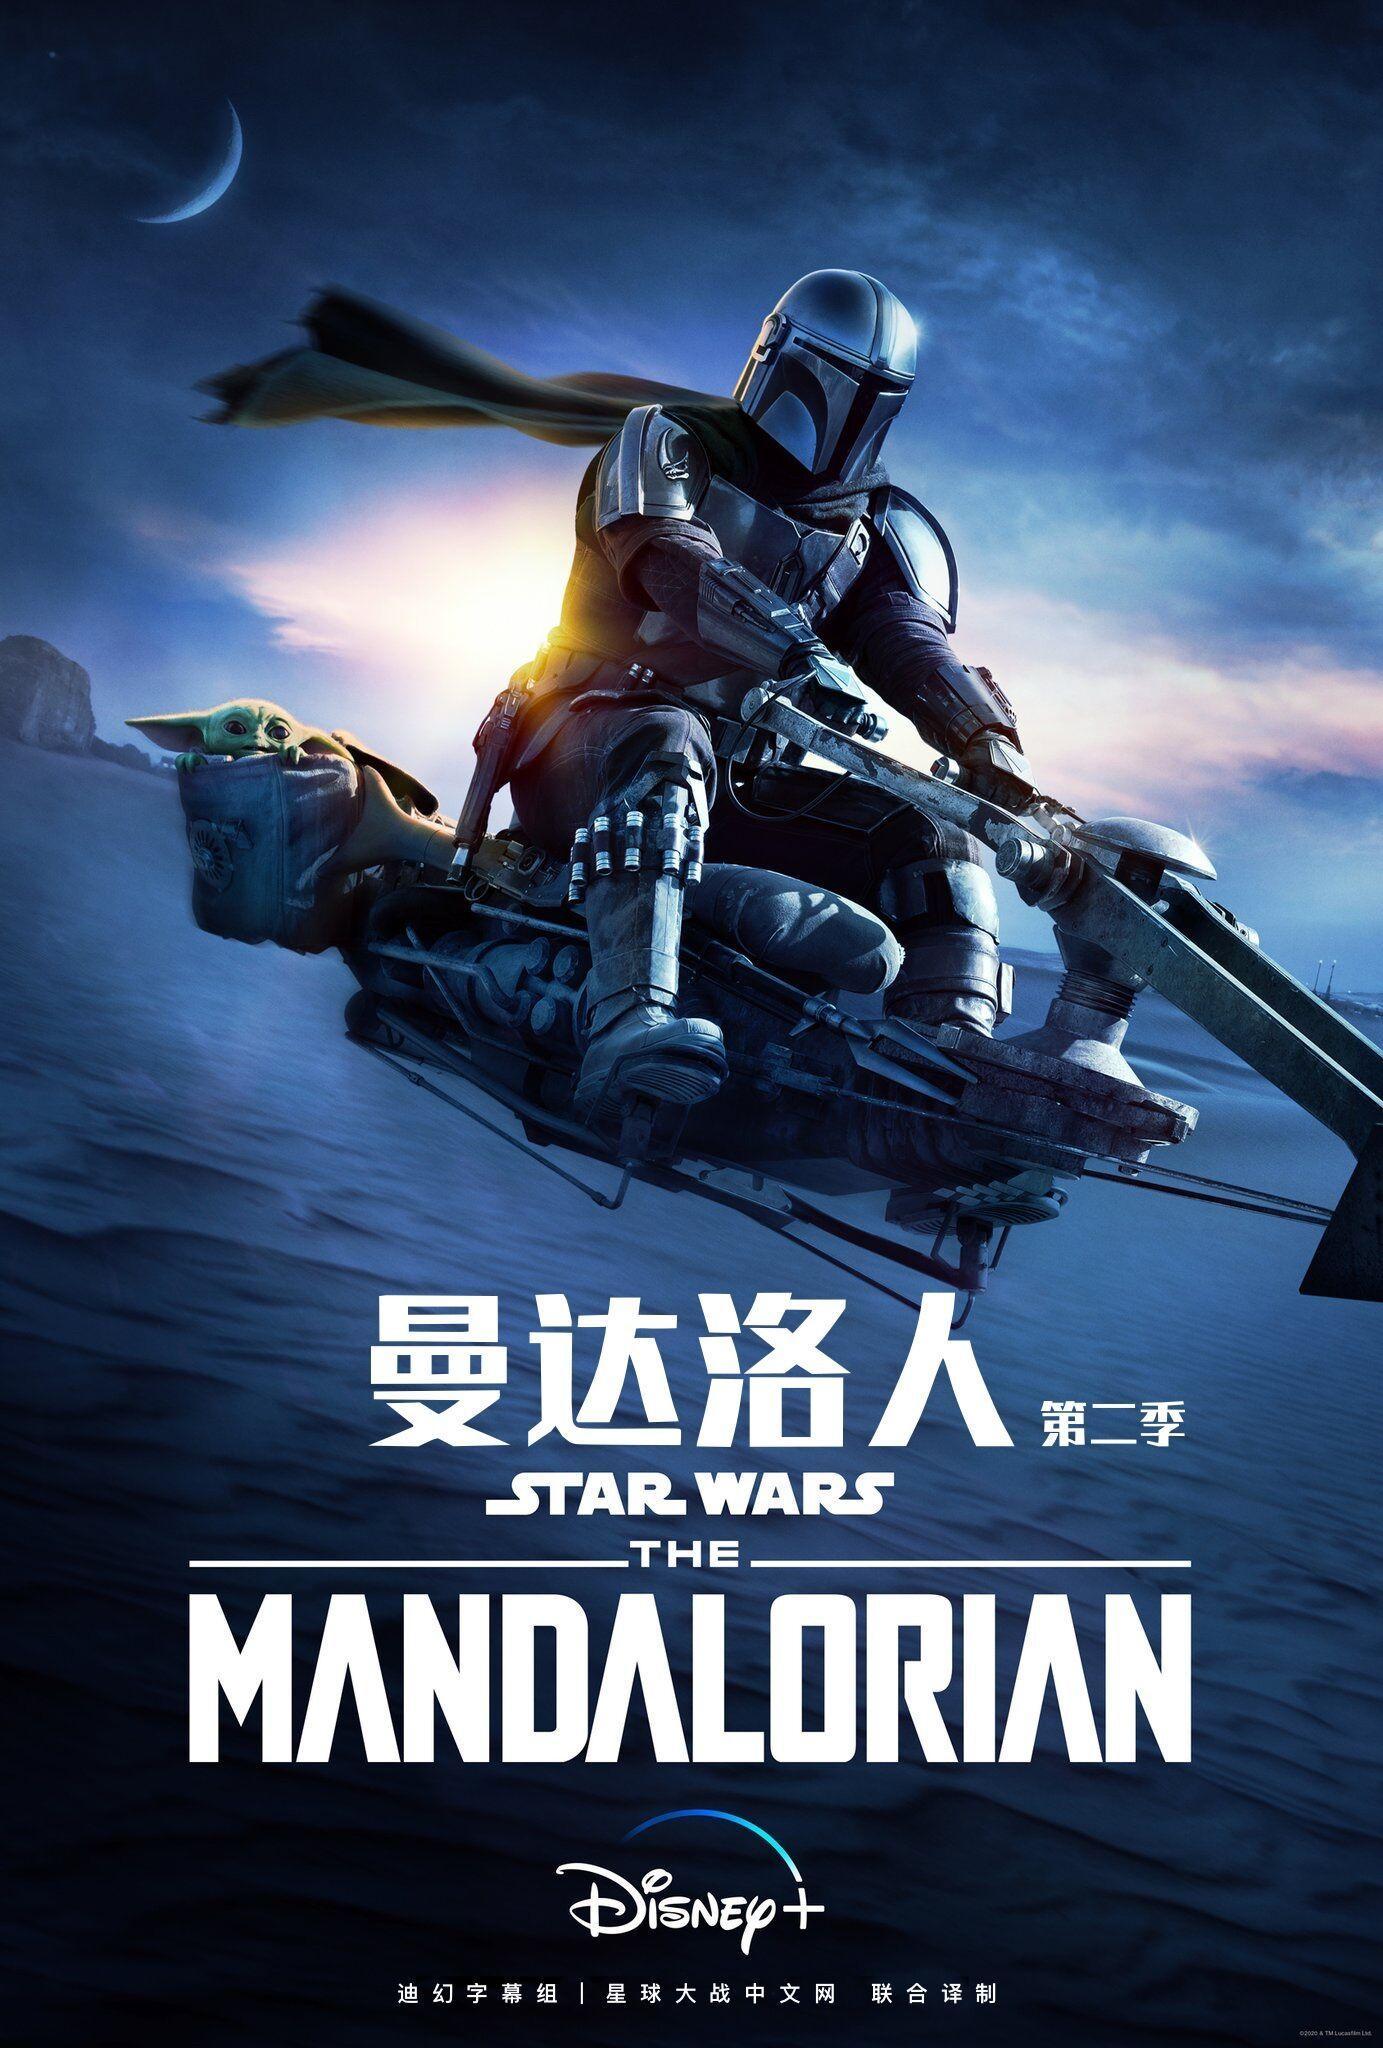 【曼达洛人/The Mandalorian】[第二季][中英双字]全8集